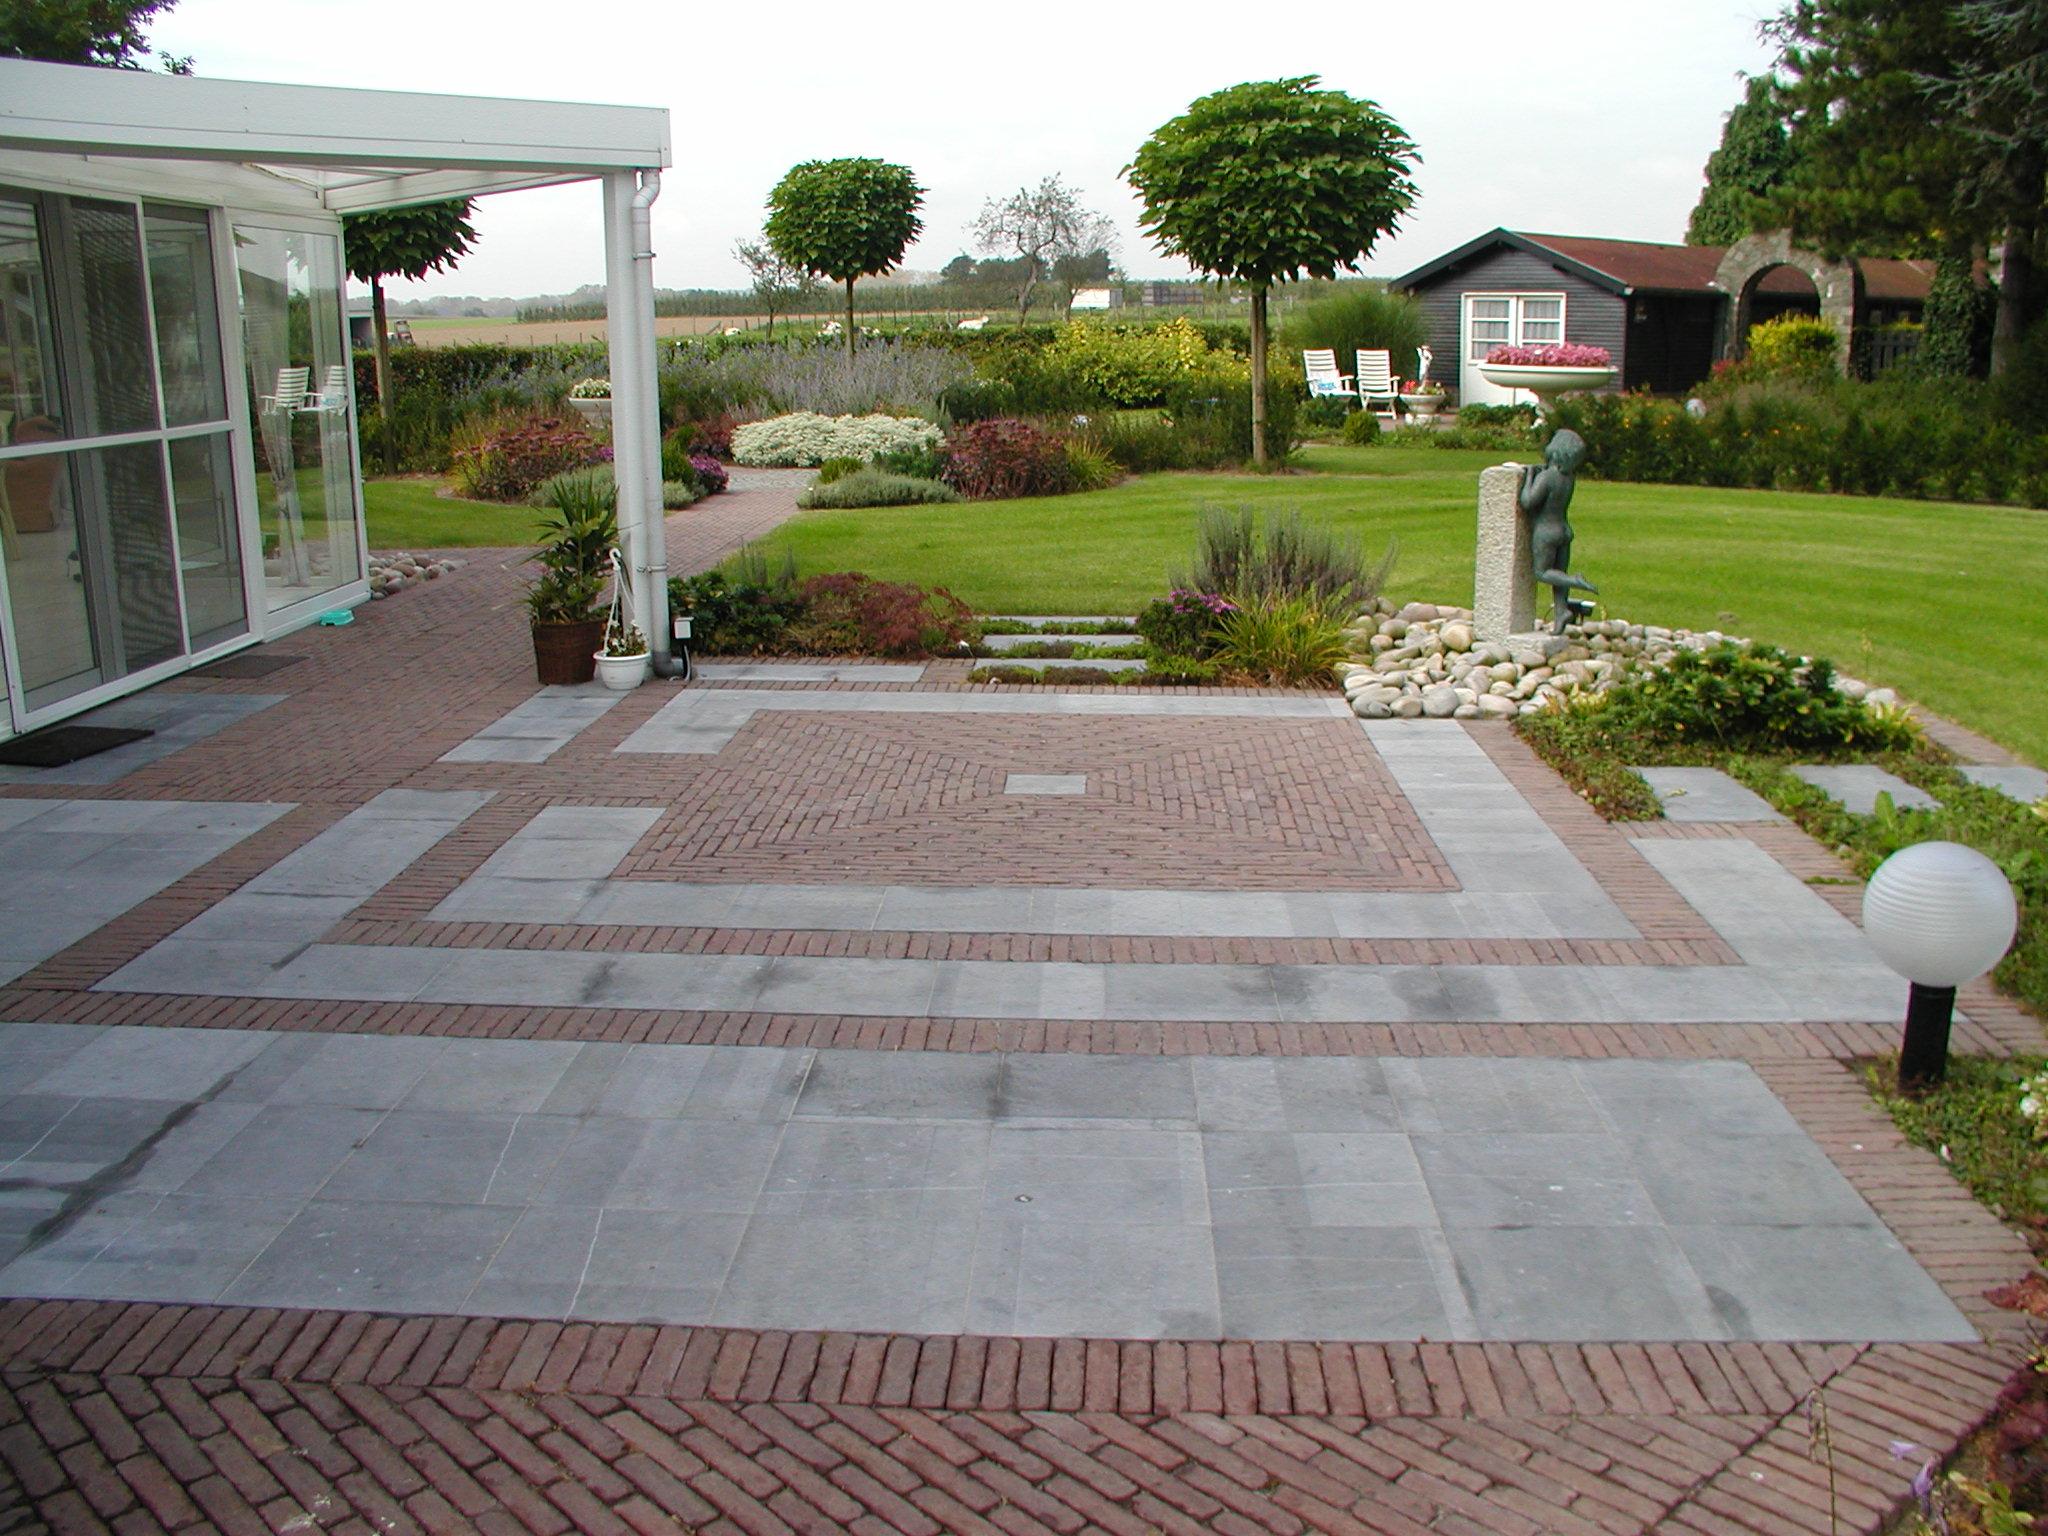 Am nagement jardin plan d 39 eau de website van briers for Plan amenagement jardin rectangulaire